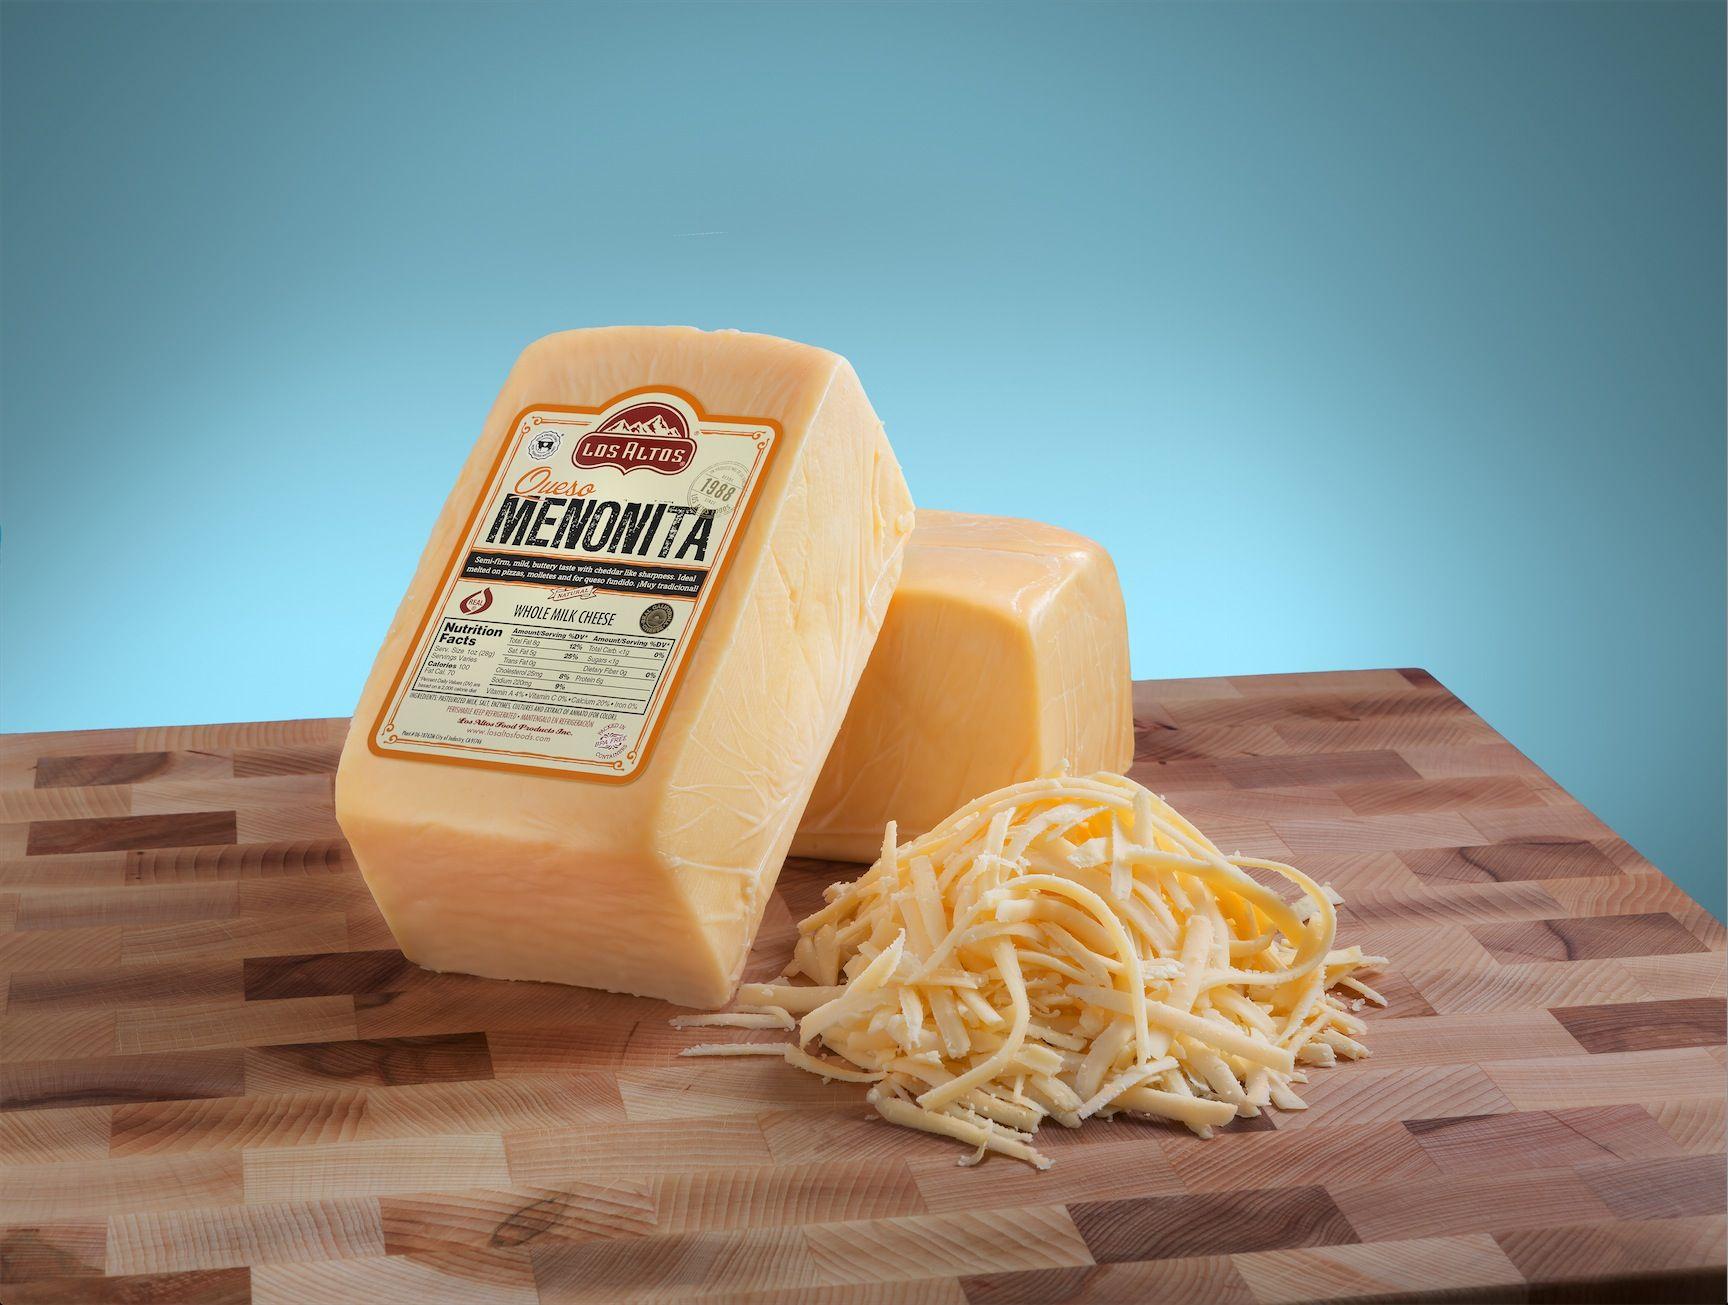 queso menonita, parte de la comida típica de Chihuahua